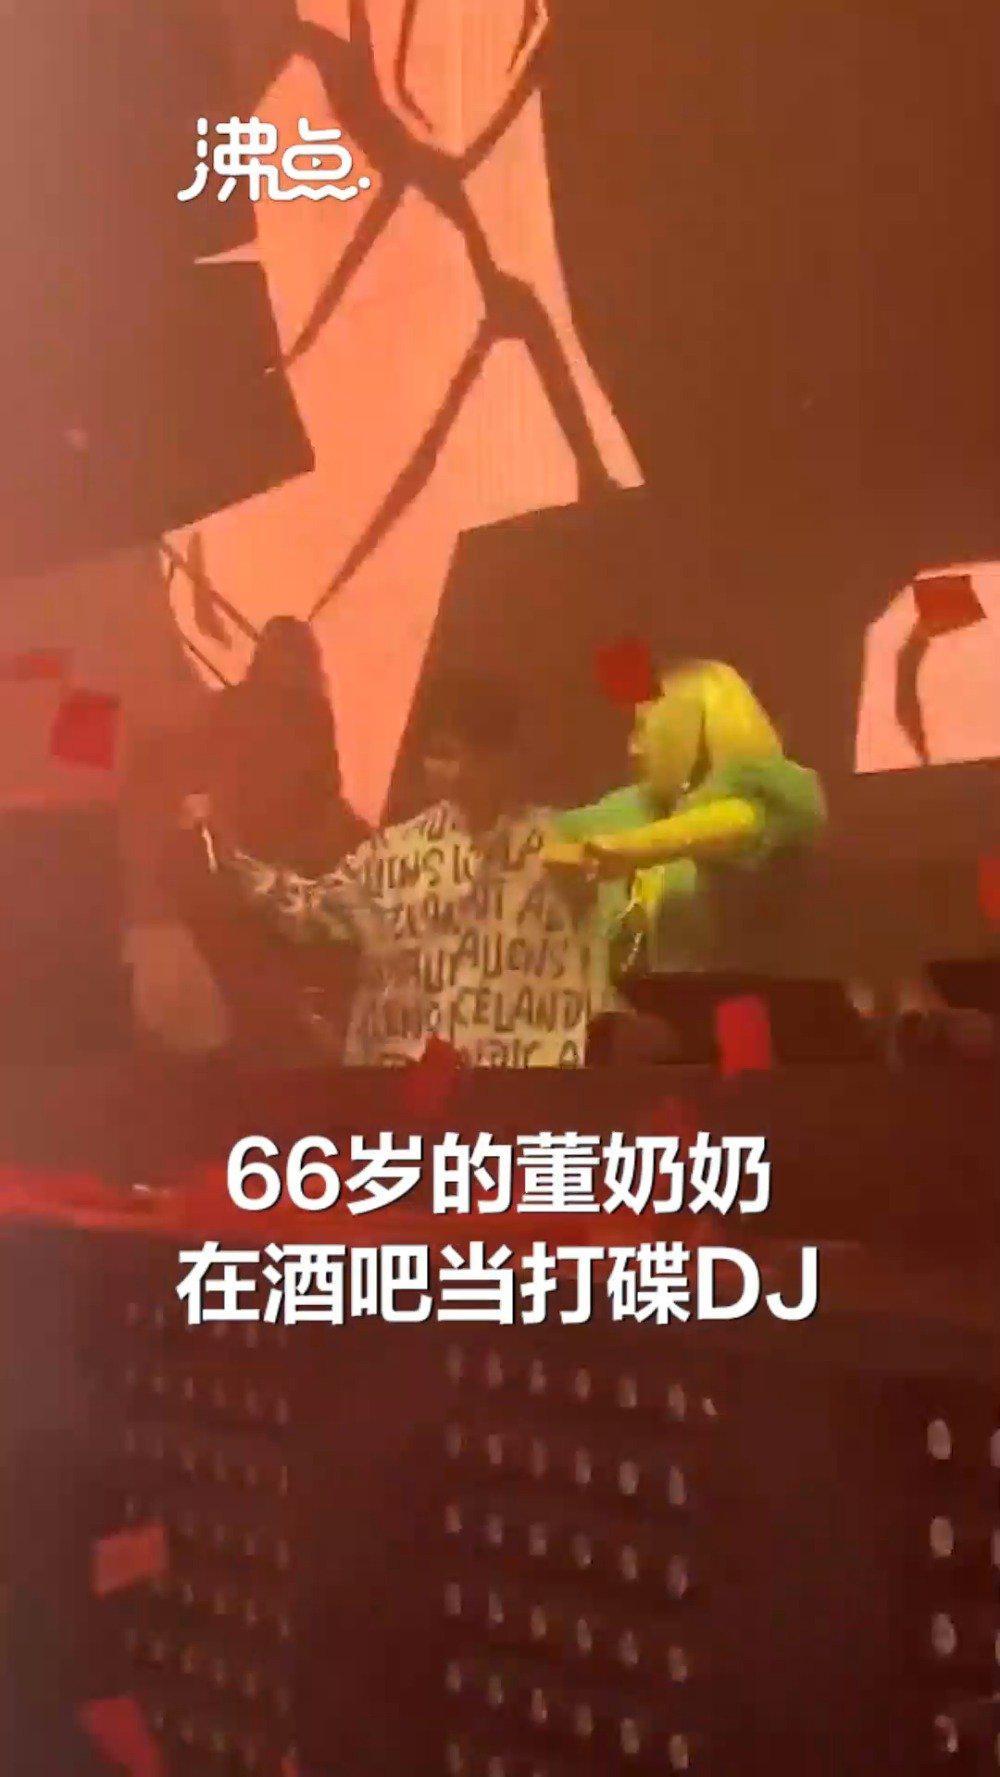 长沙66岁奶奶酒吧当DJ